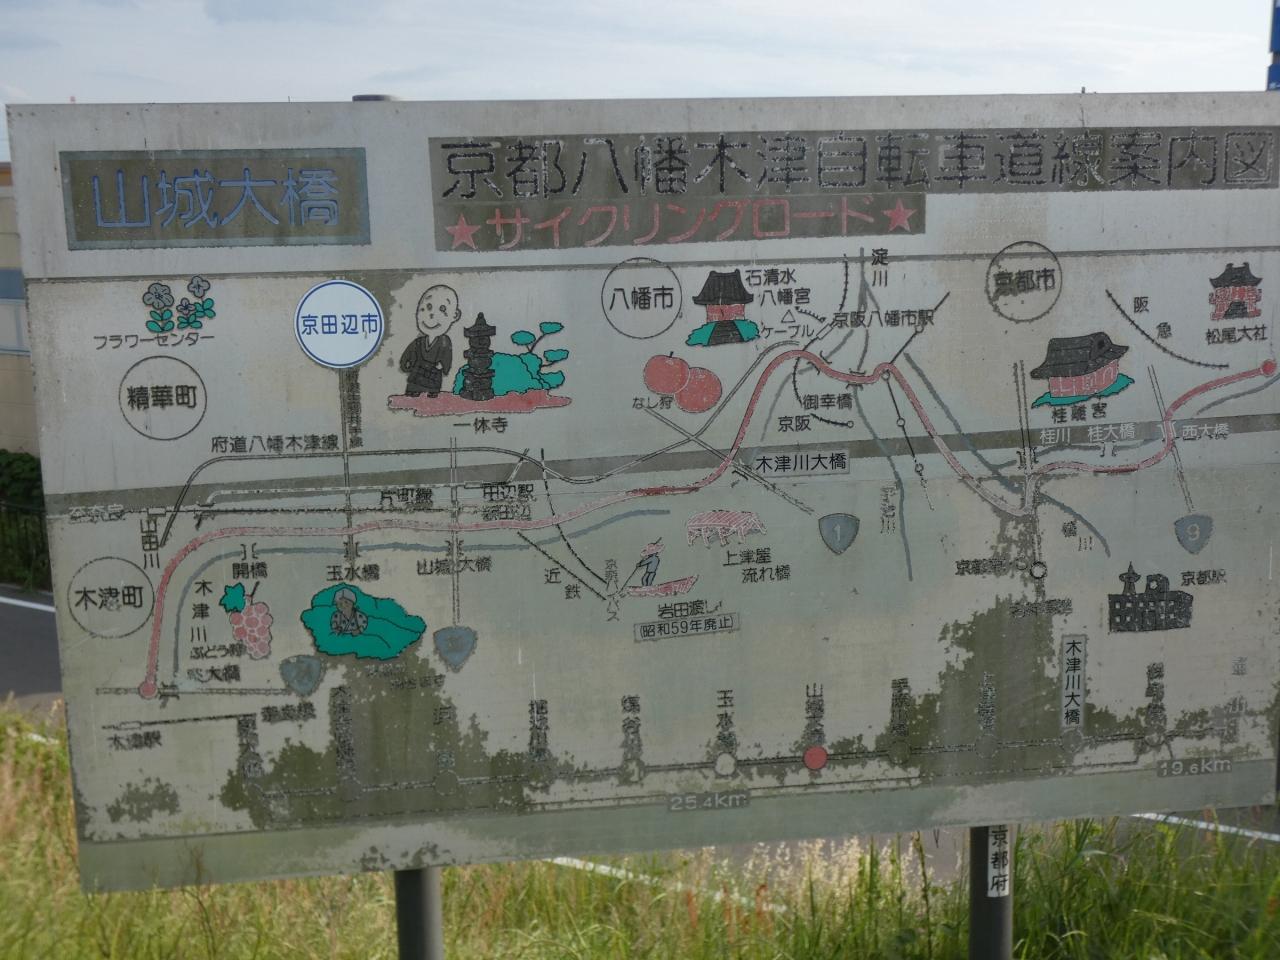 京都 天気 1 時間